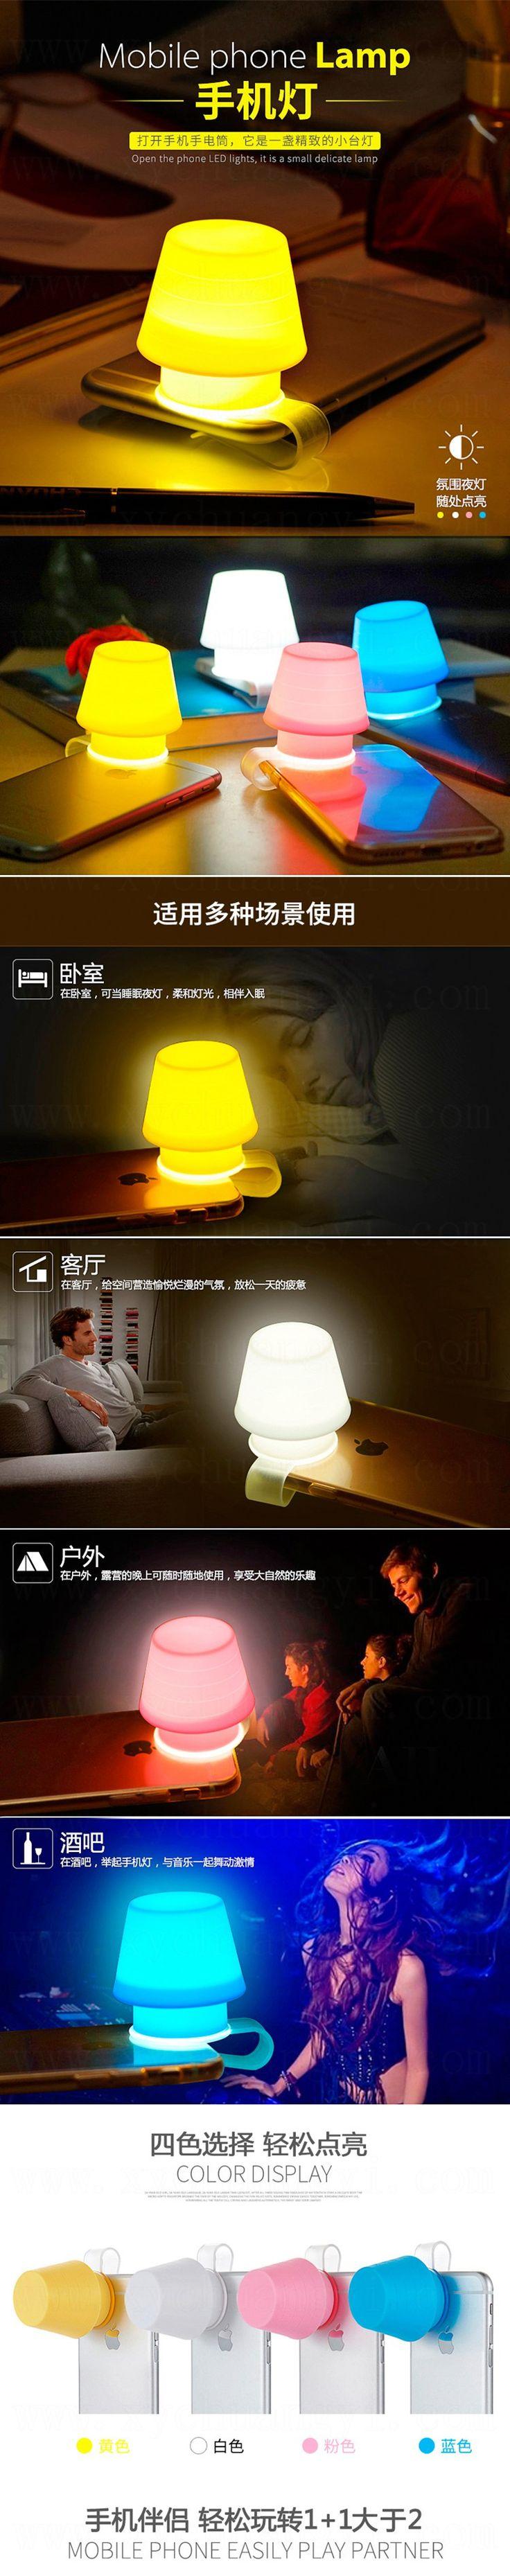 原创意便携式照明小夜灯韩国户外iphone三星手机支架闪光灯罩台灯-淘宝网